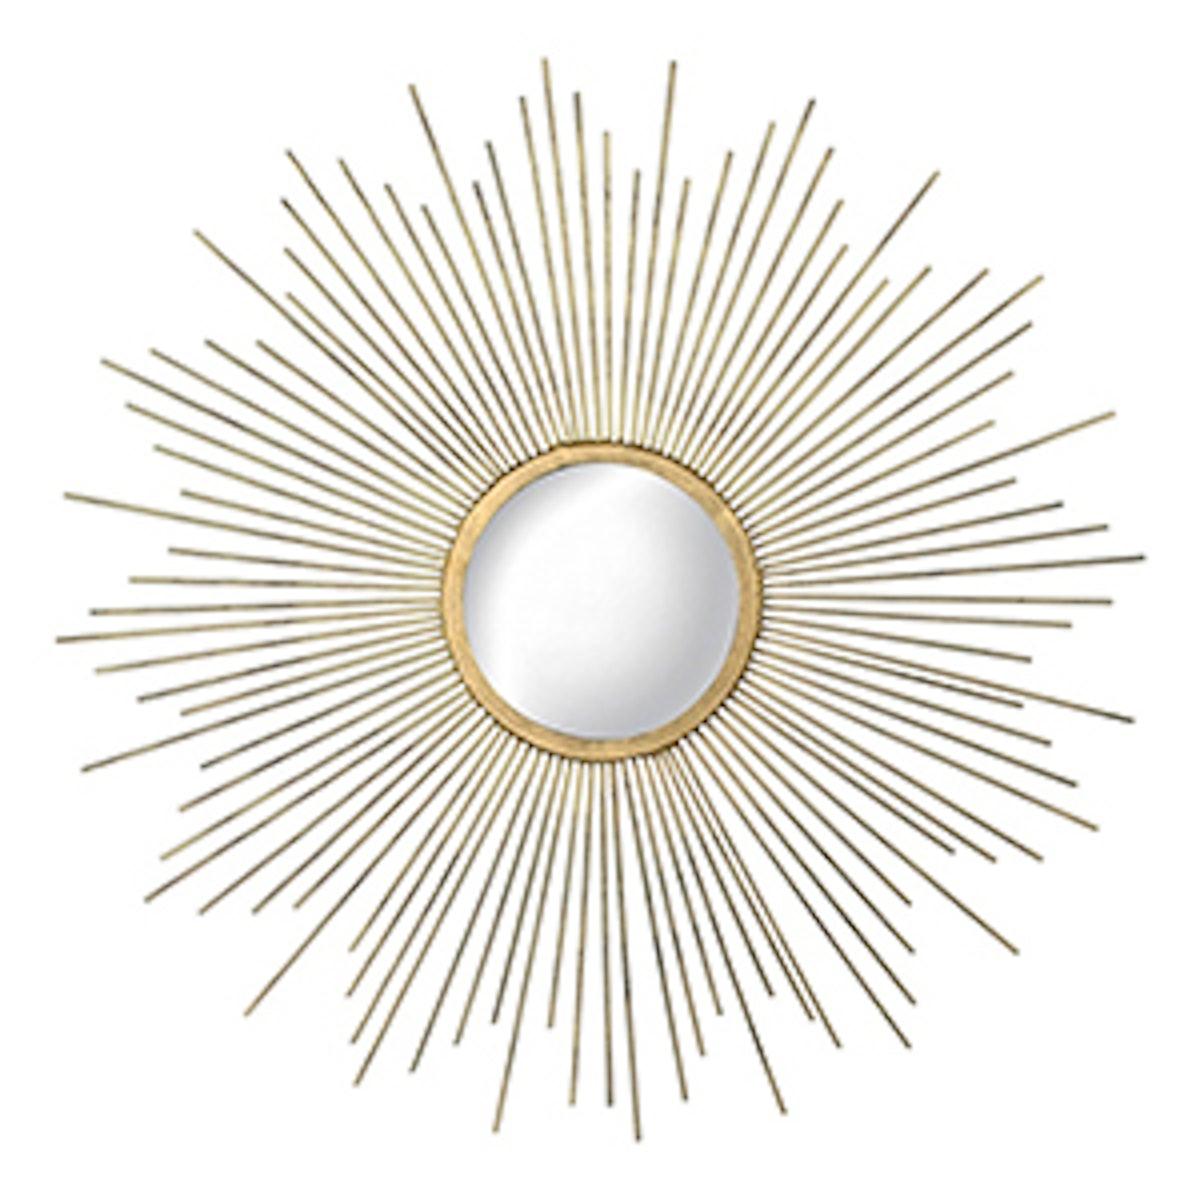 Sunburst Decorative Wall Mirror Metal Gold